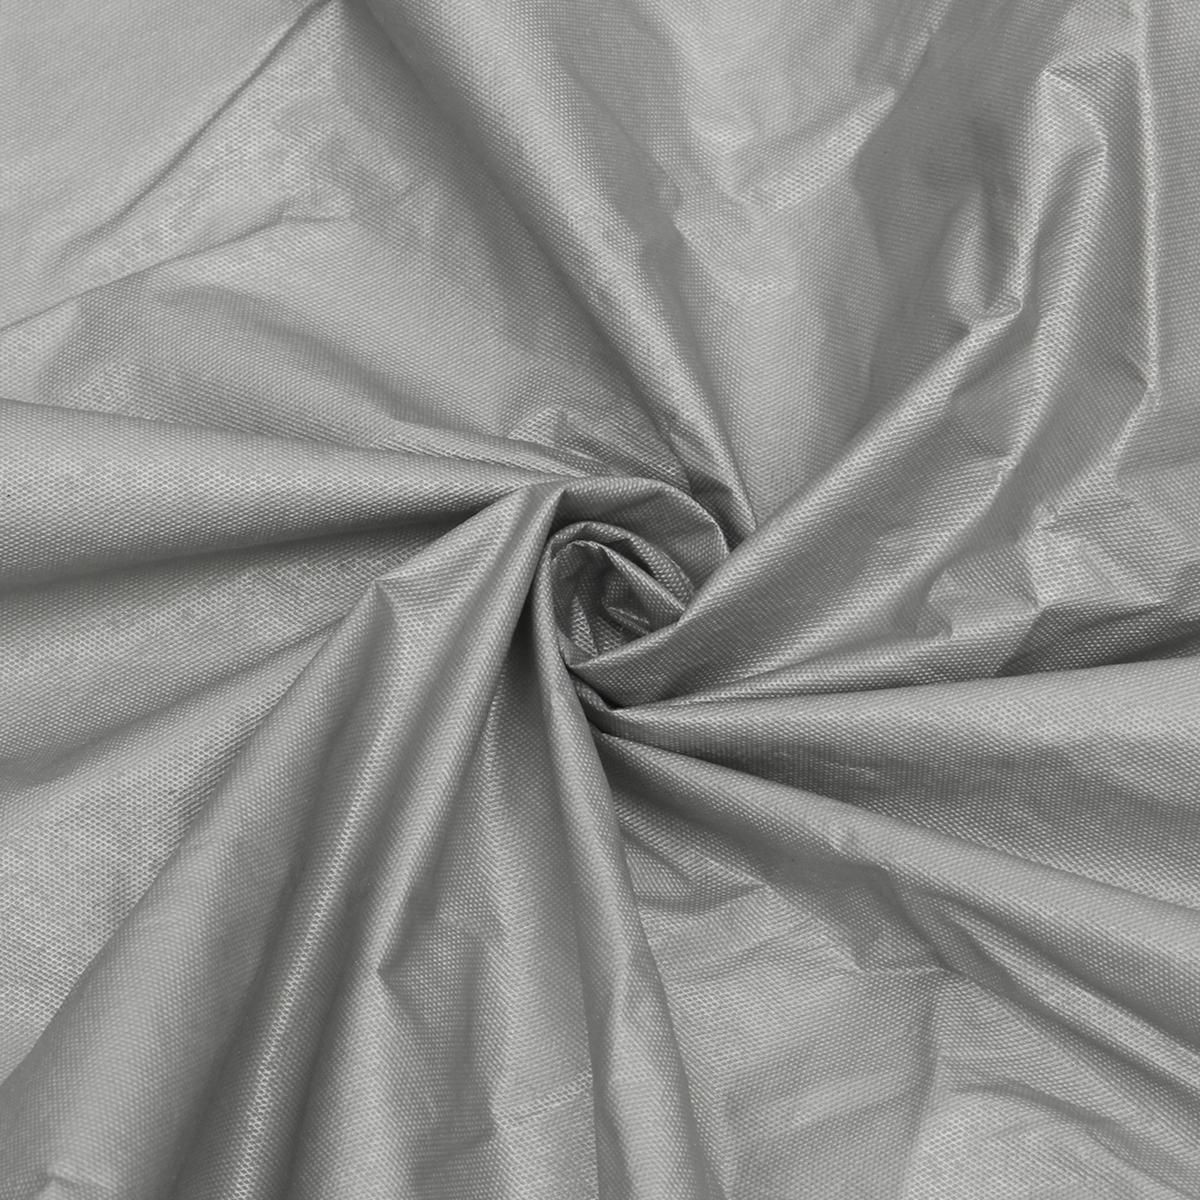 Universel M couverture de voiture pleine de coton imperméable à l'eau respirable neige protection contre la neige